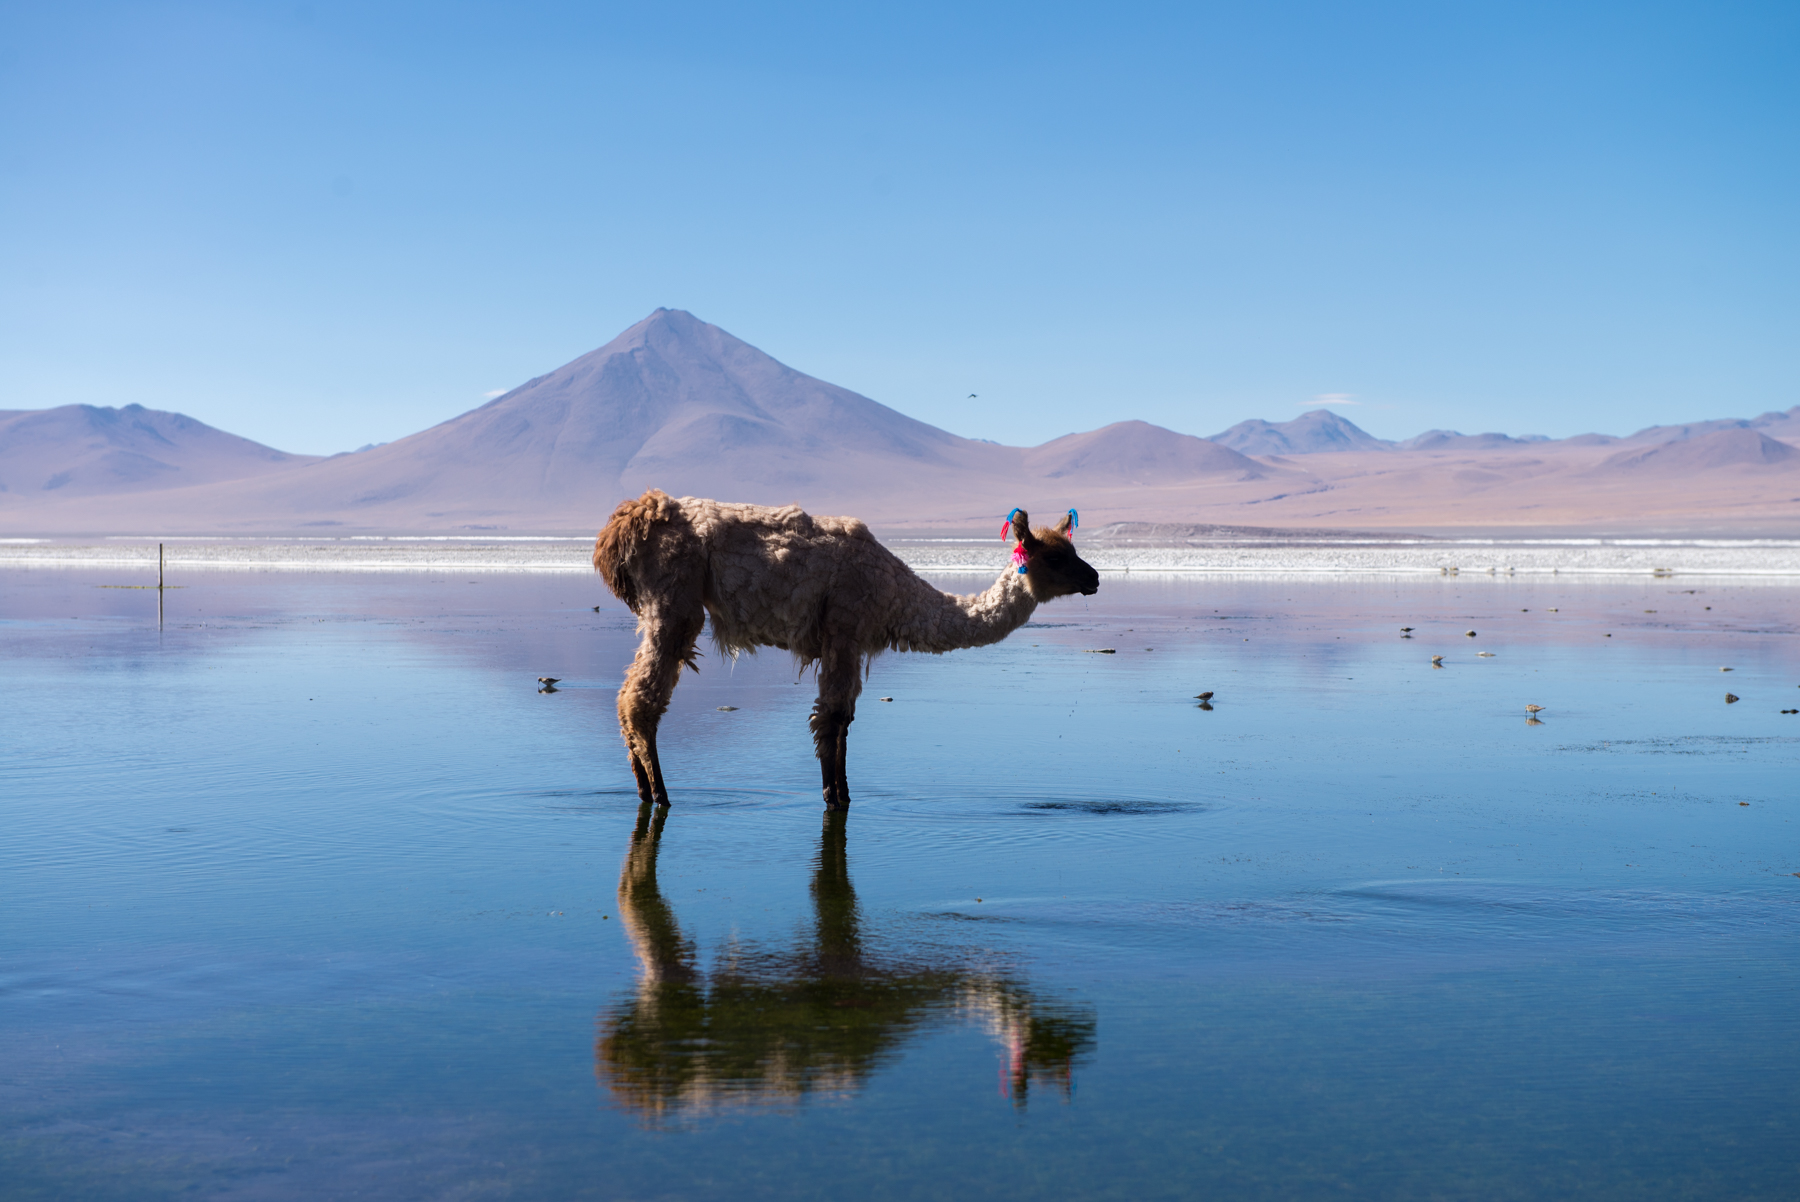 Llama, Bolivia